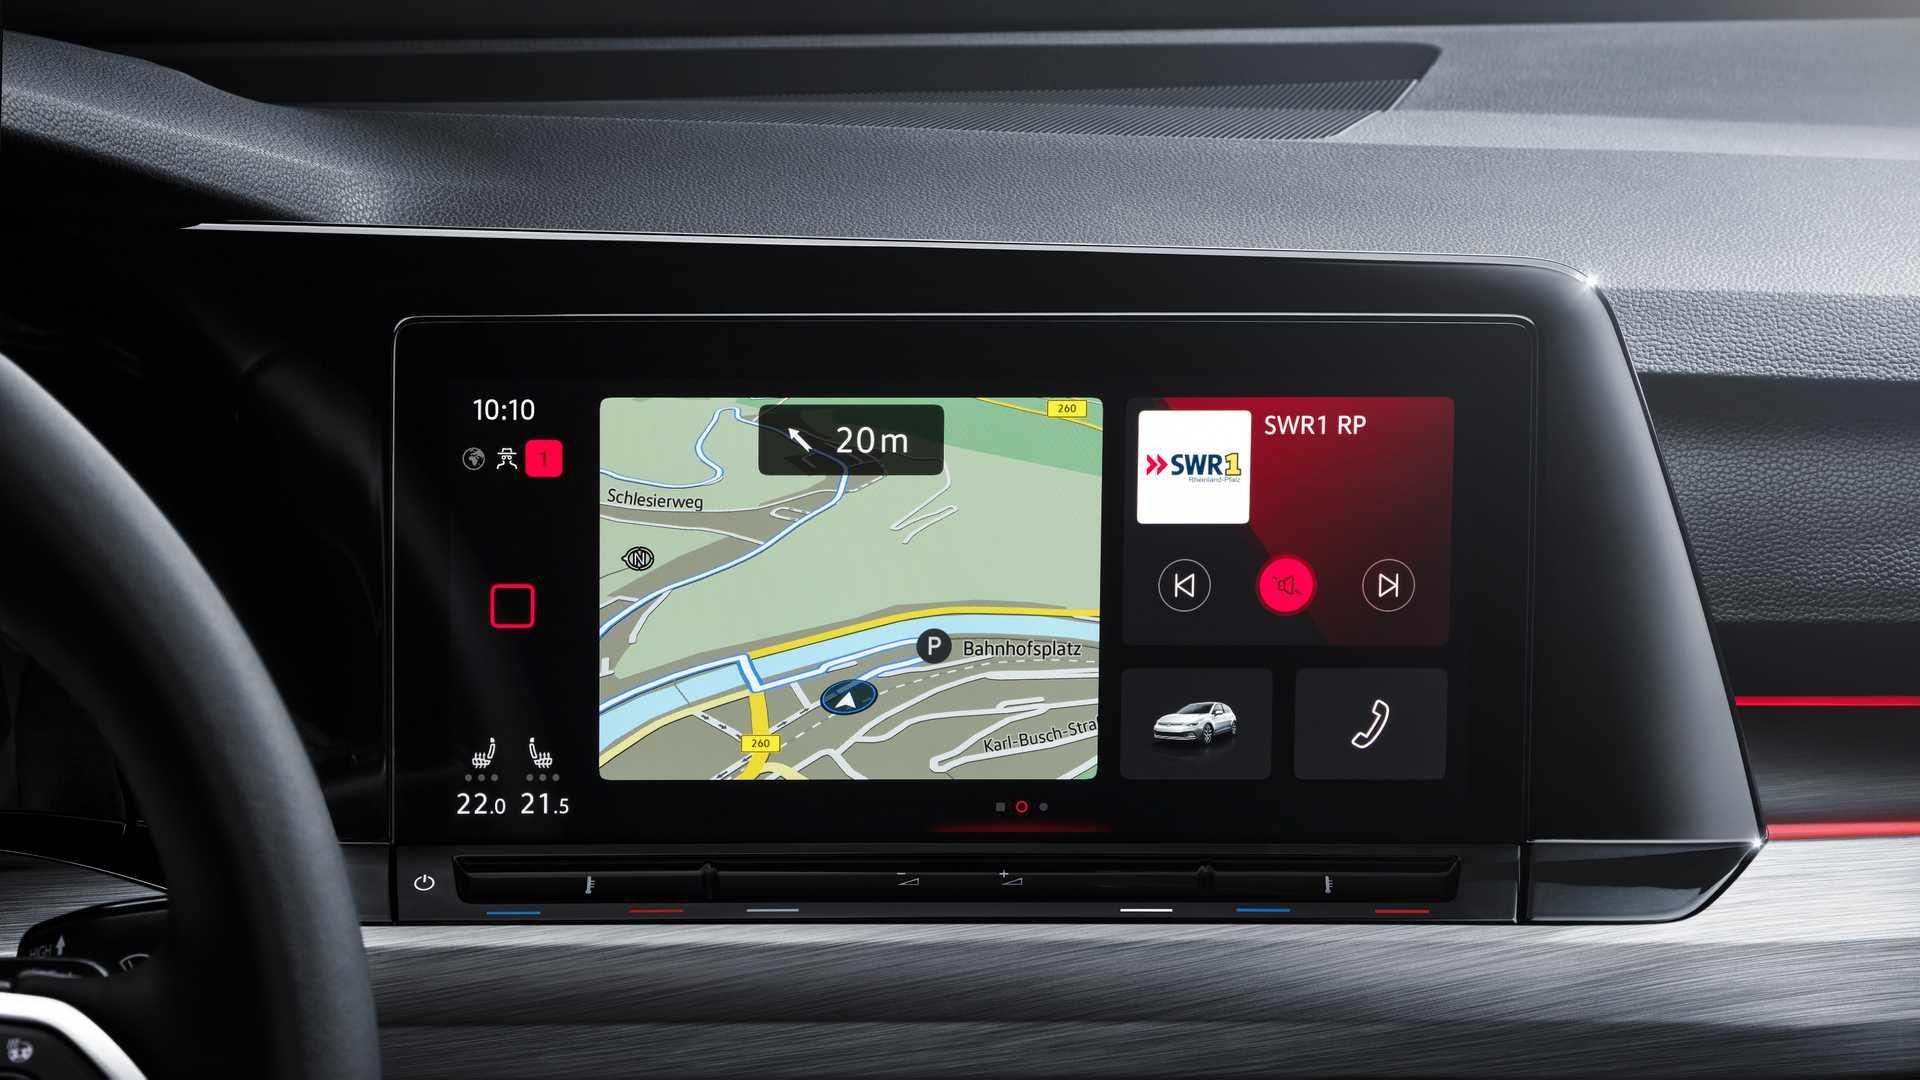 شگفتانگیزترین فناوری در خودروها توسط شرکت سیت معرفی شد